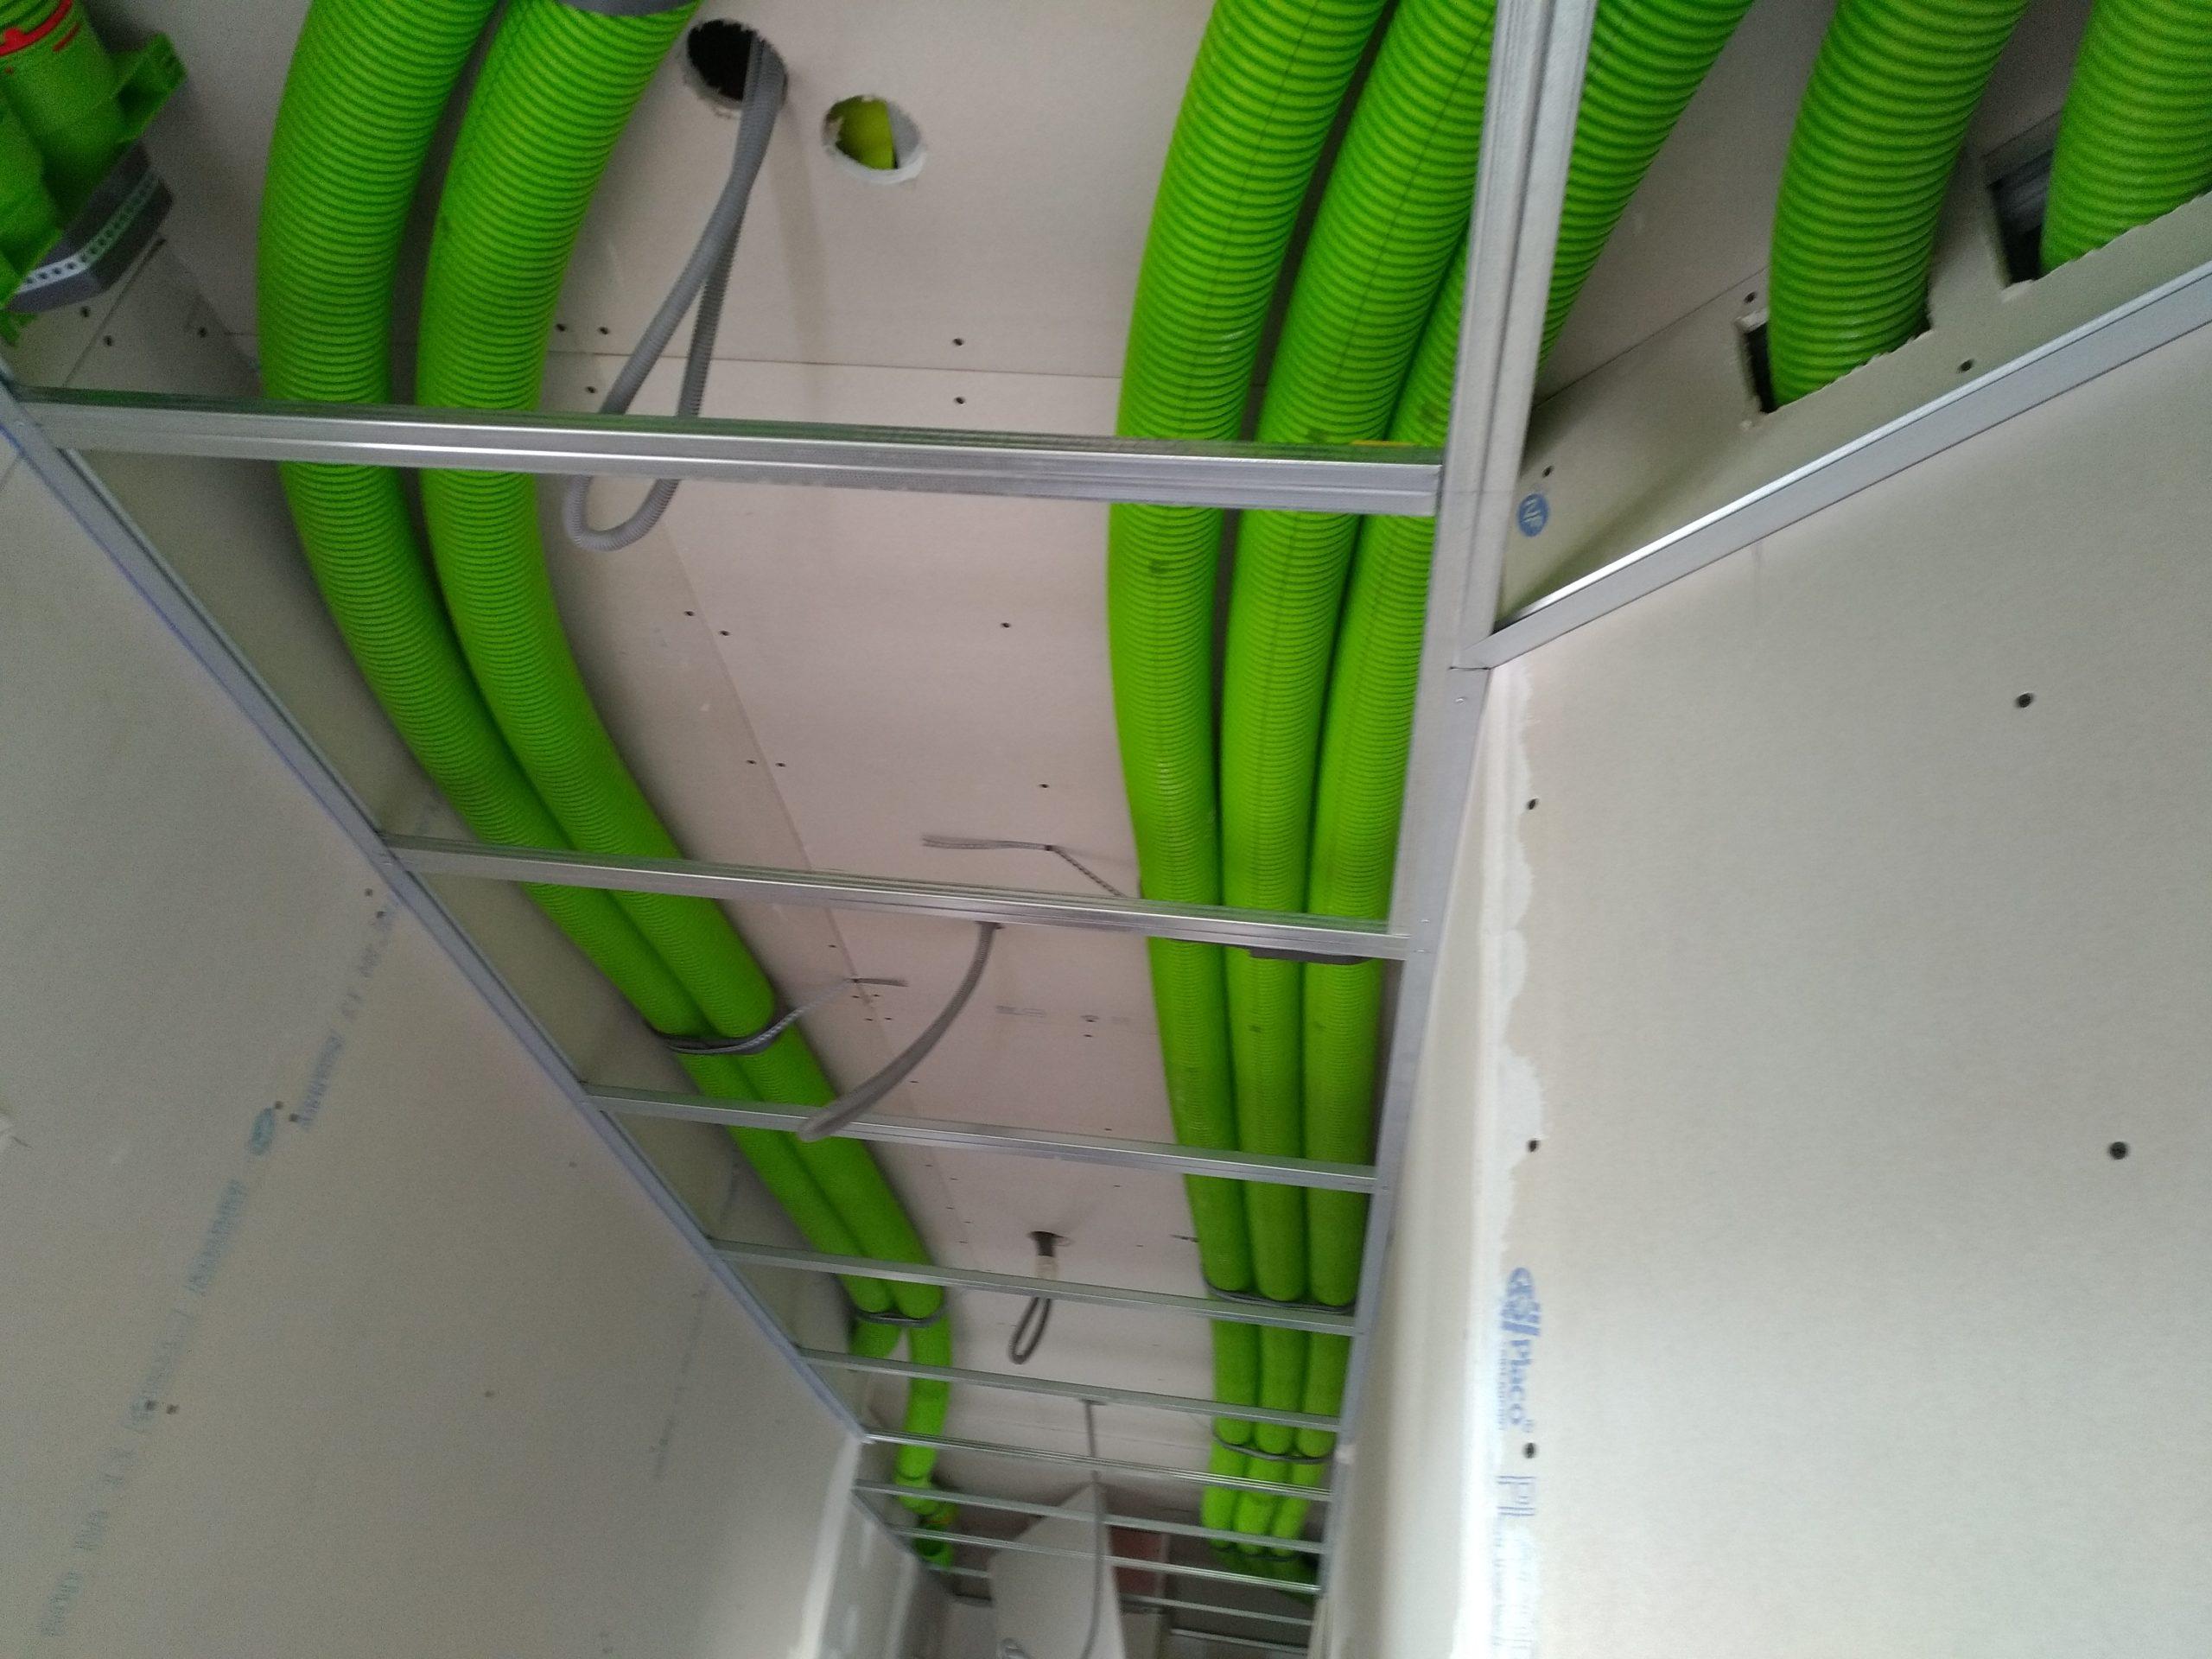 électricien Lyon installation dépannage électricité rénovation VMC double-flux conduits air neuf air vicié